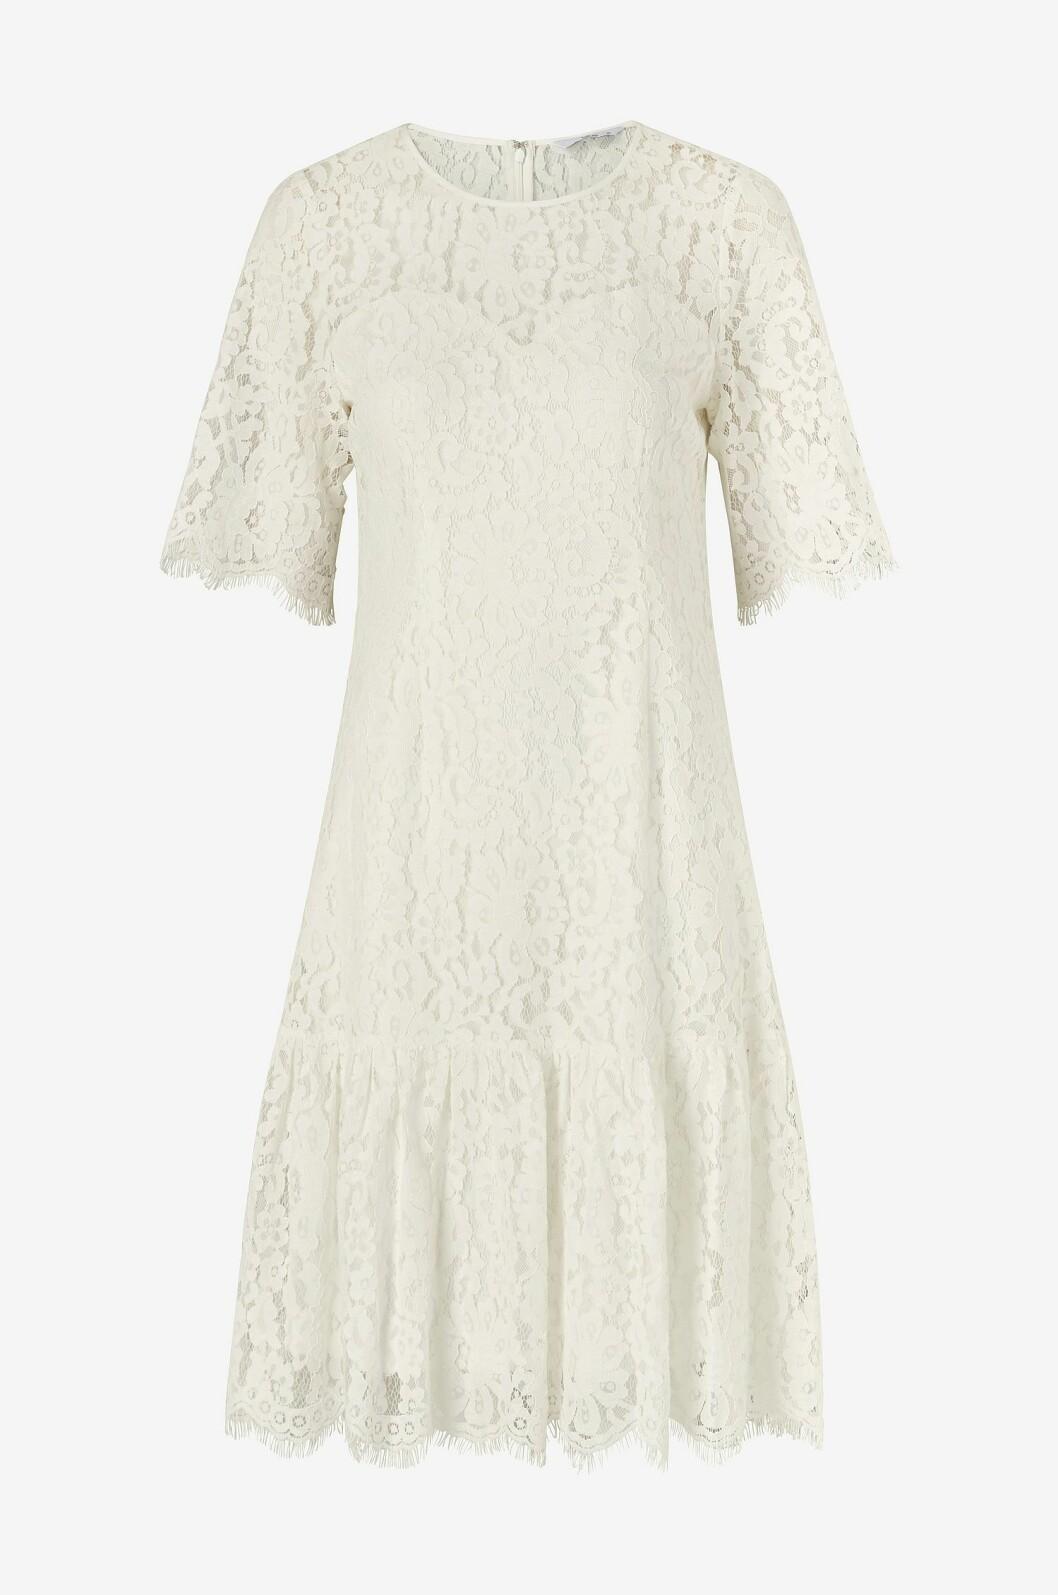 Vit enkel spetsklänning som passar perfekt som brudklänning